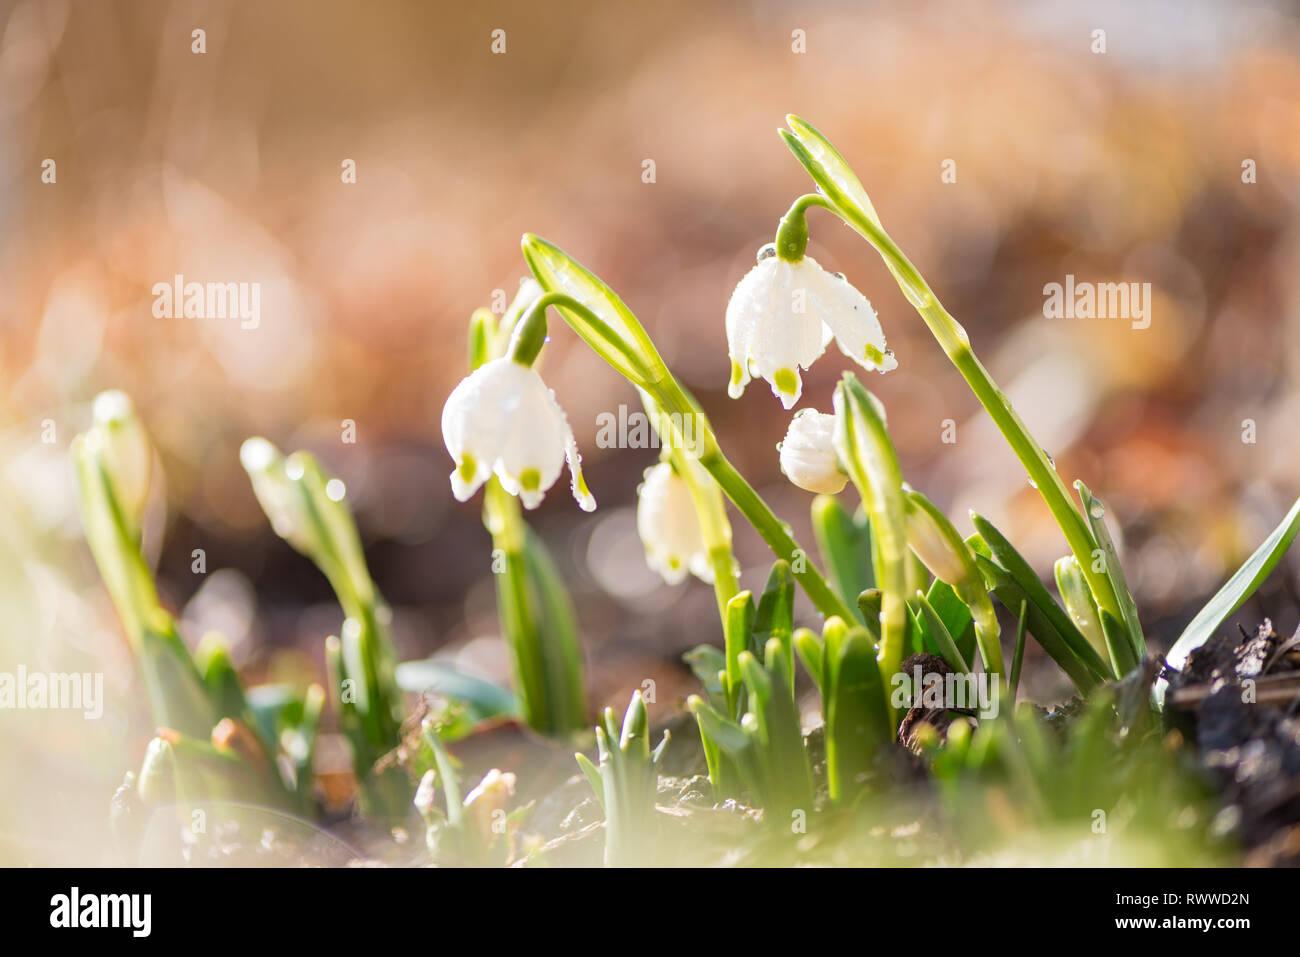 Perce-neige blanc en rétroéclairage. belles fleurs de printemps. Banque D'Images